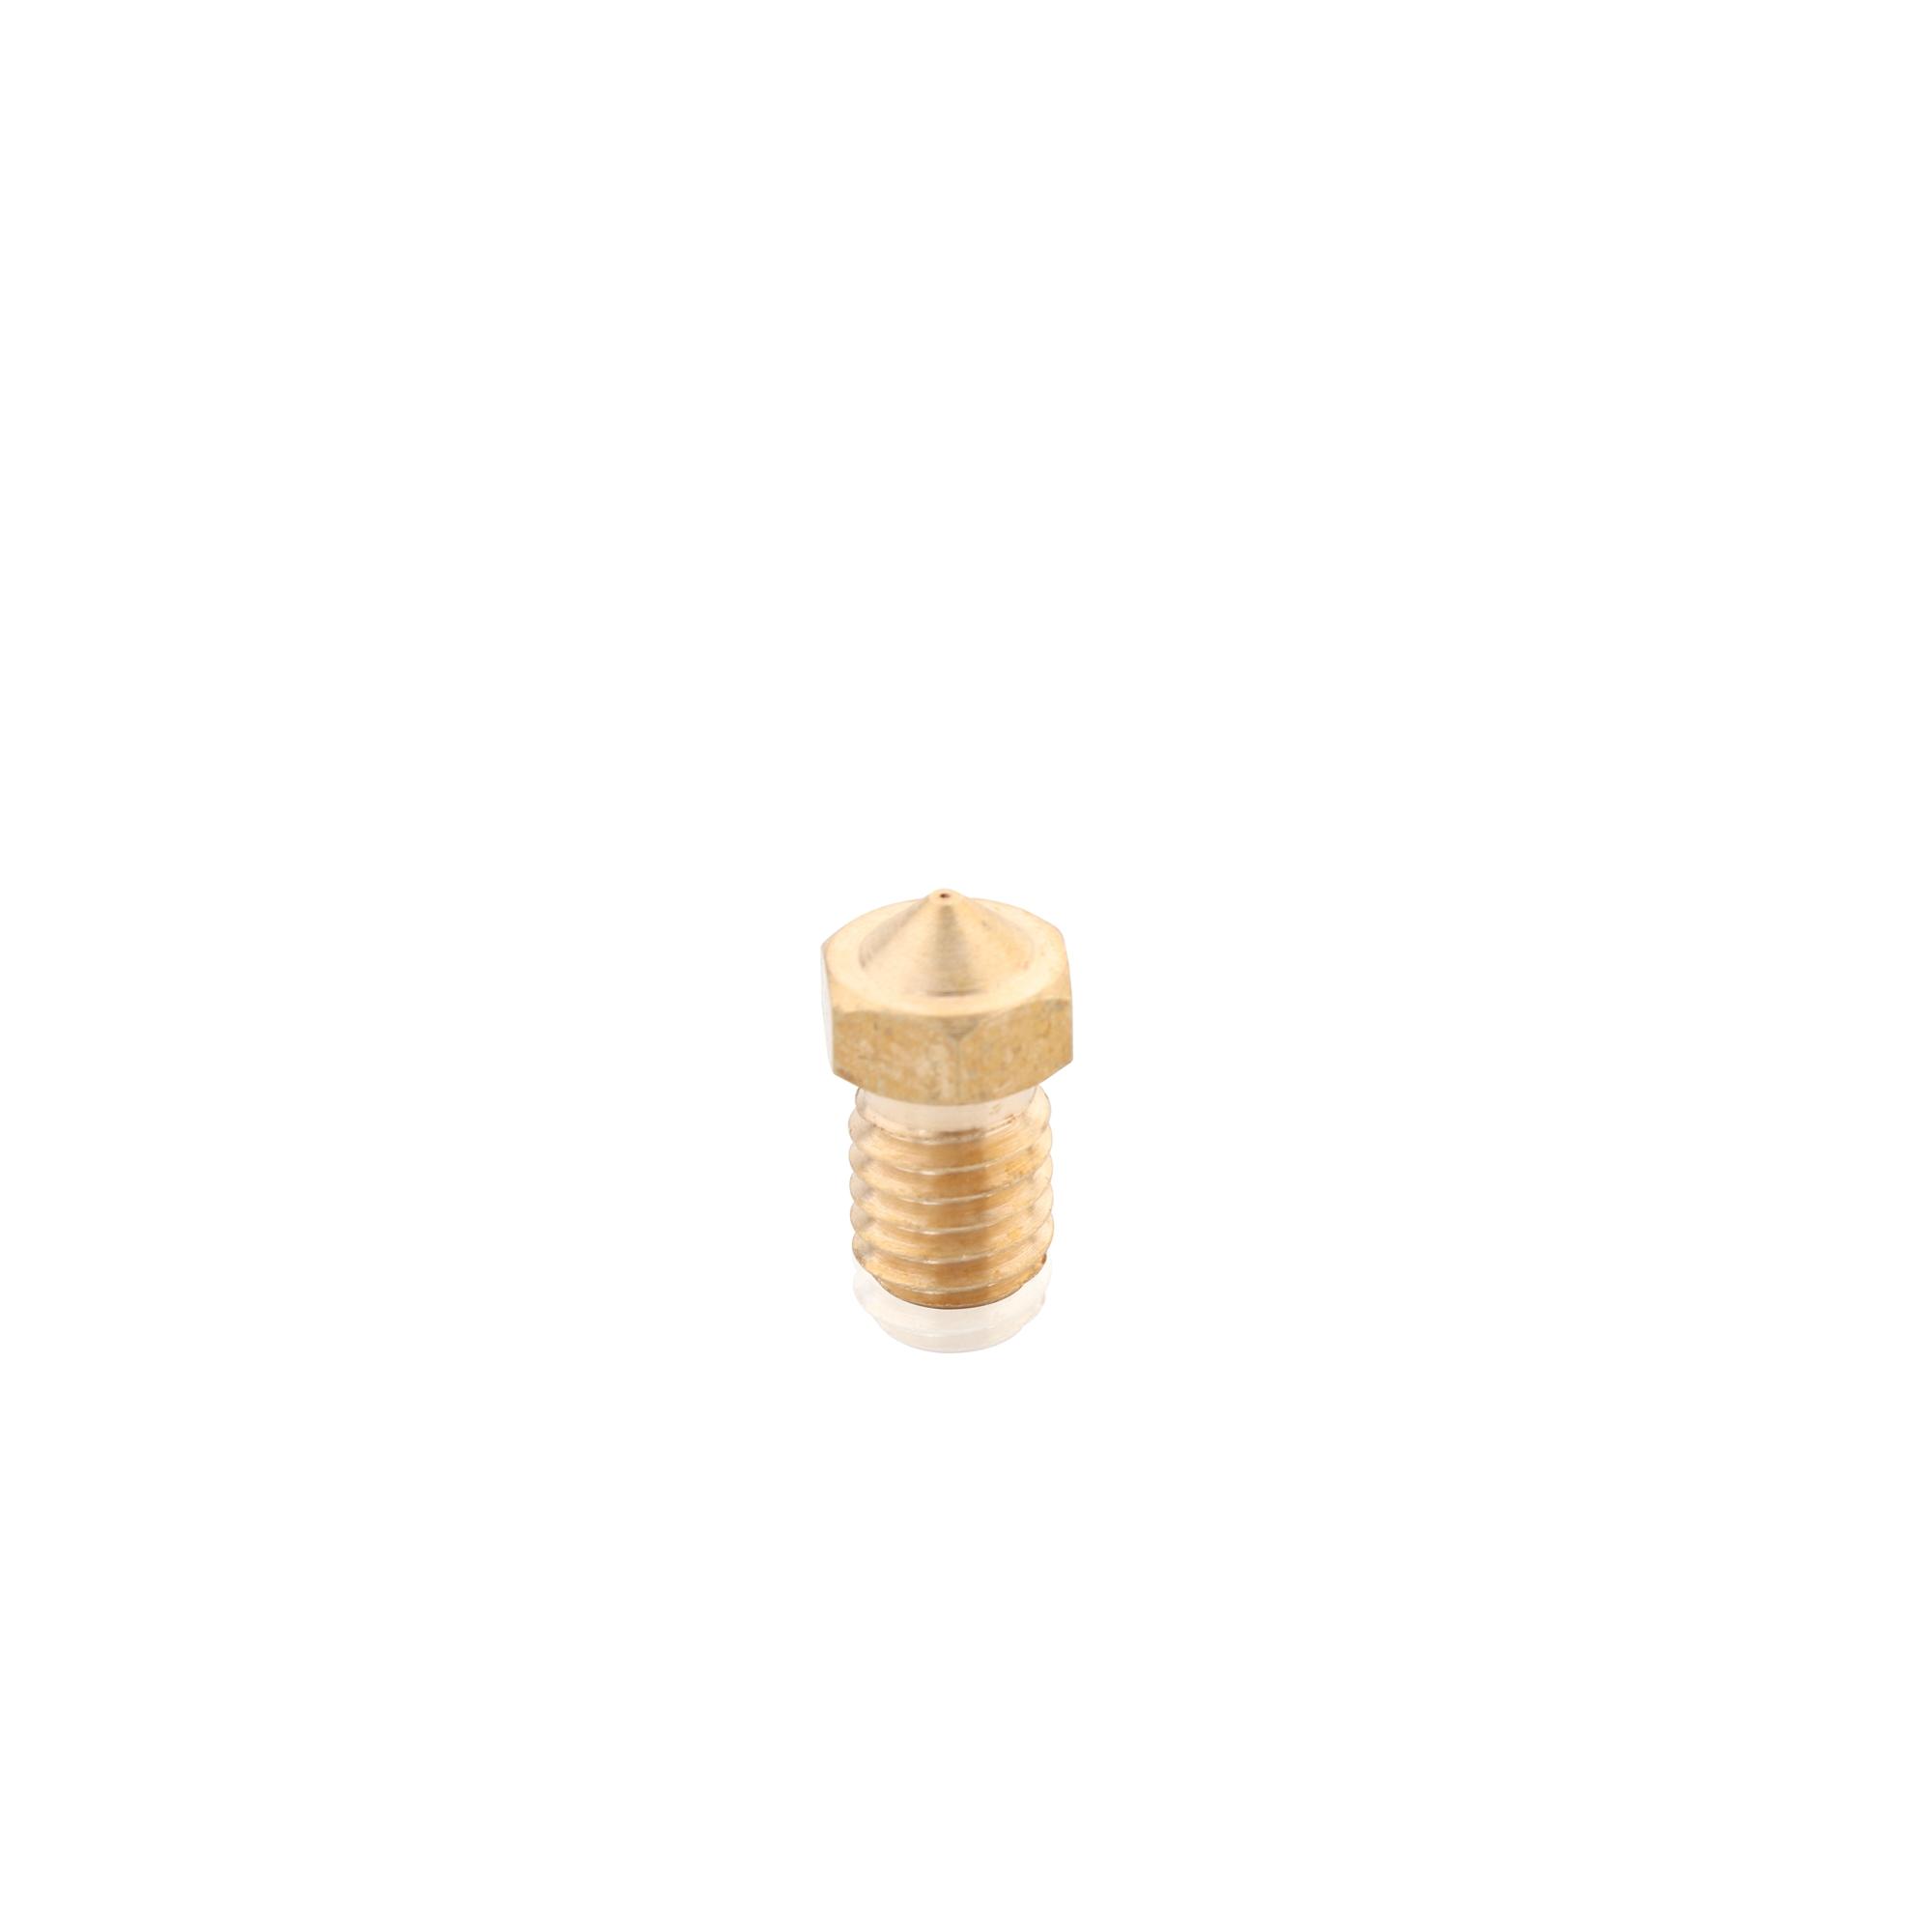 3D Printing & Scanning 3D Printer Parts & Accessories perfk M6 Thread 3D Printer Nozzles Printer Head For 3.00mm Filament 0.5 3.00